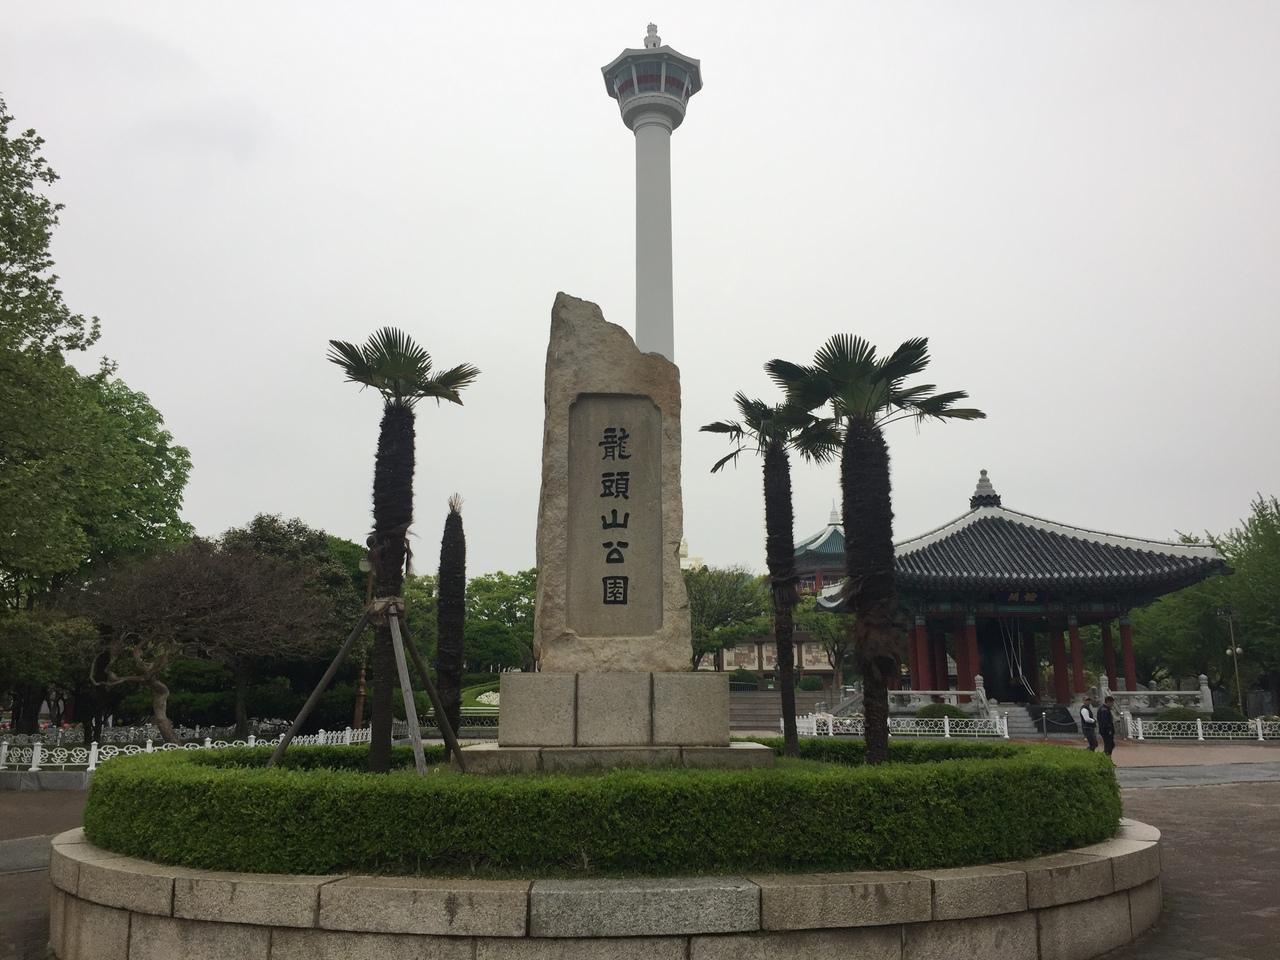 釜山タワーのある公園です!